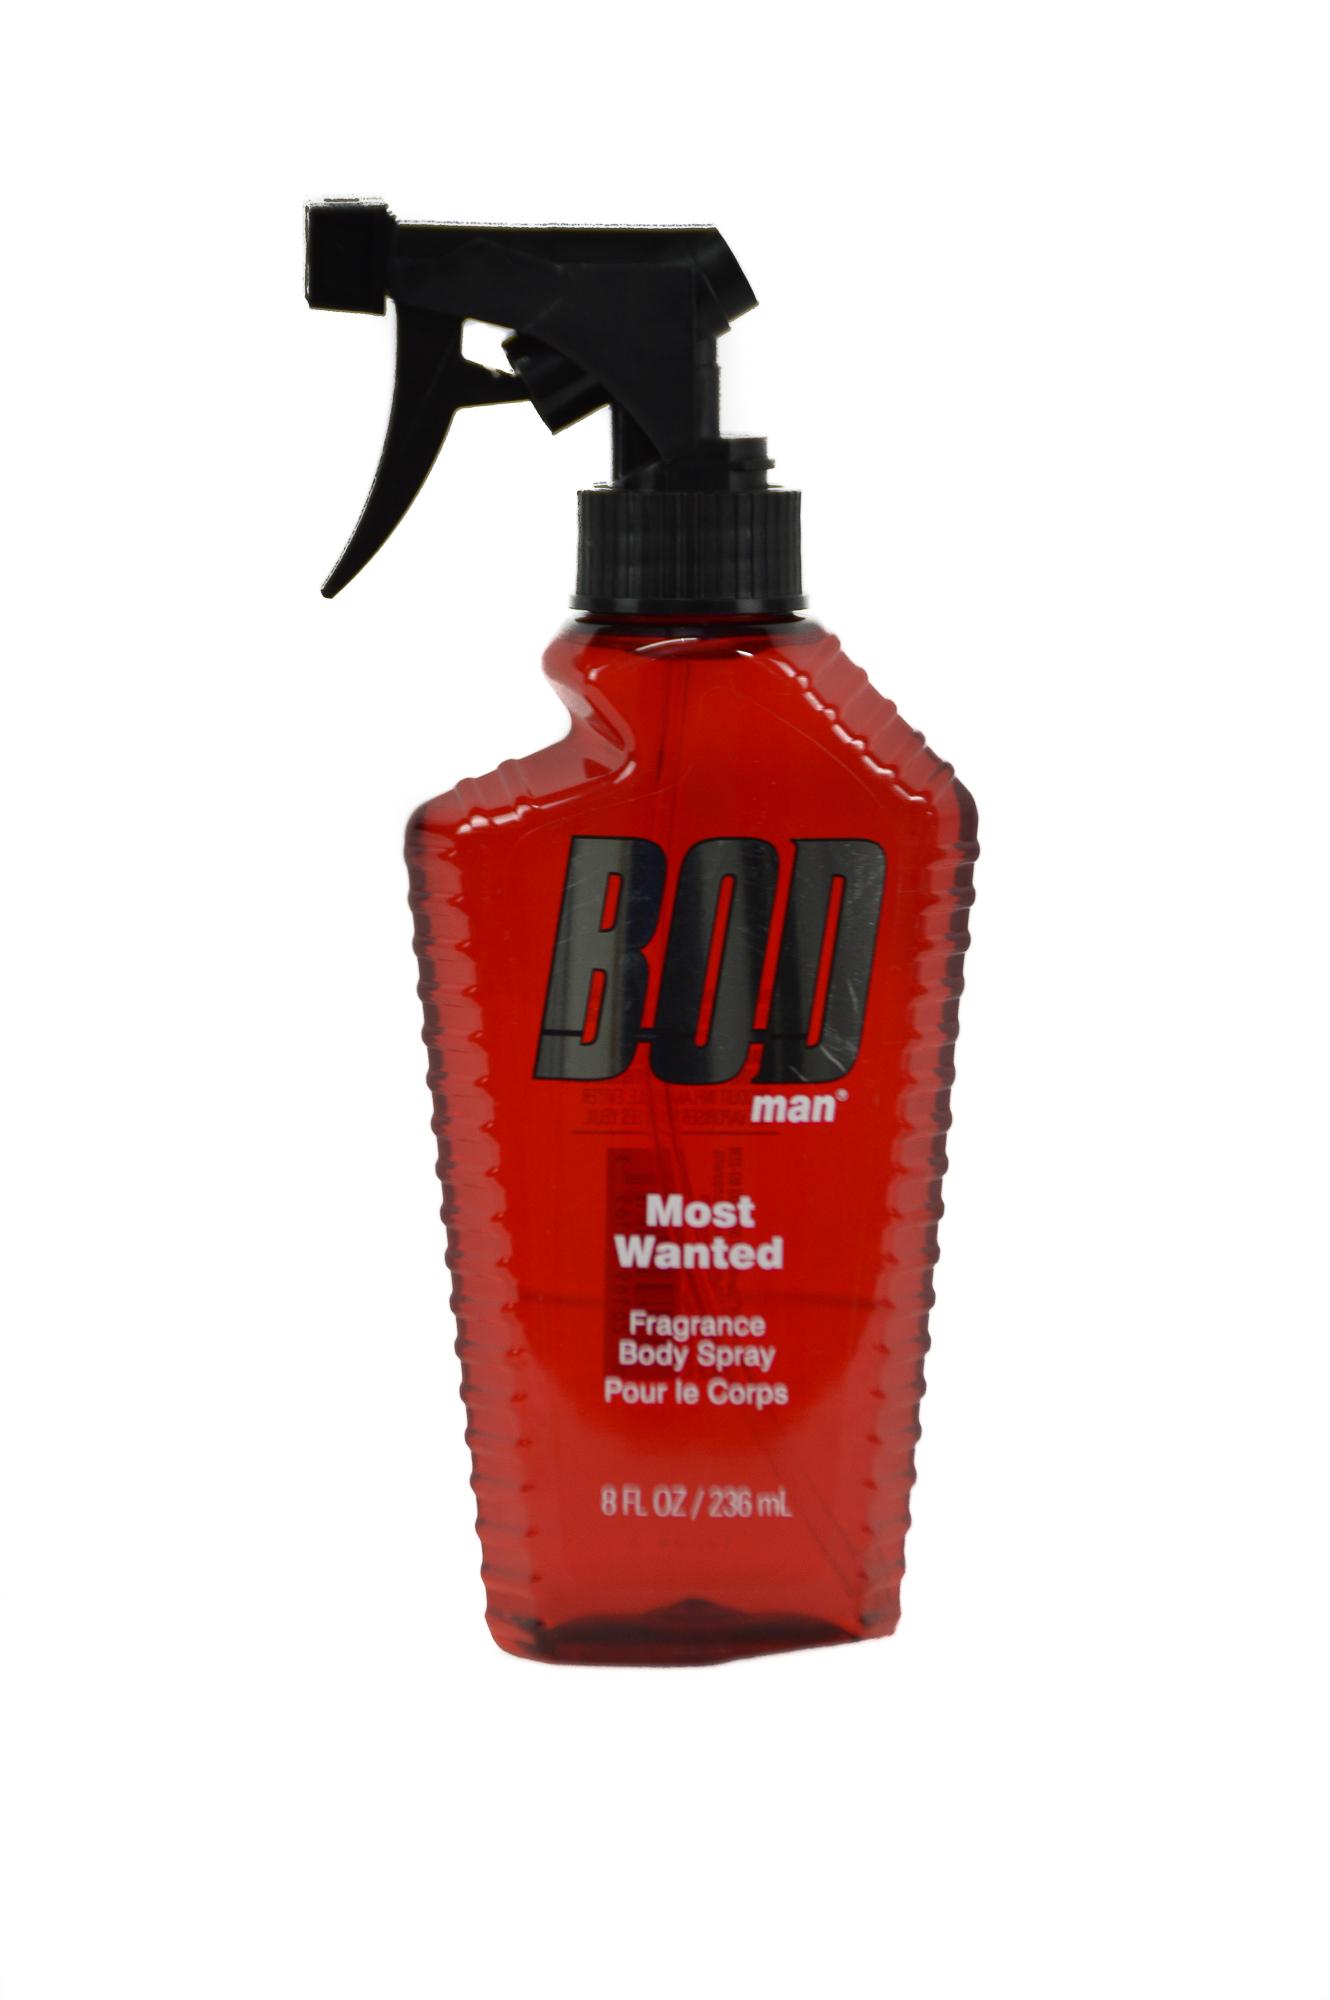 BOD Body Spray for Man (3 x 8 oz)